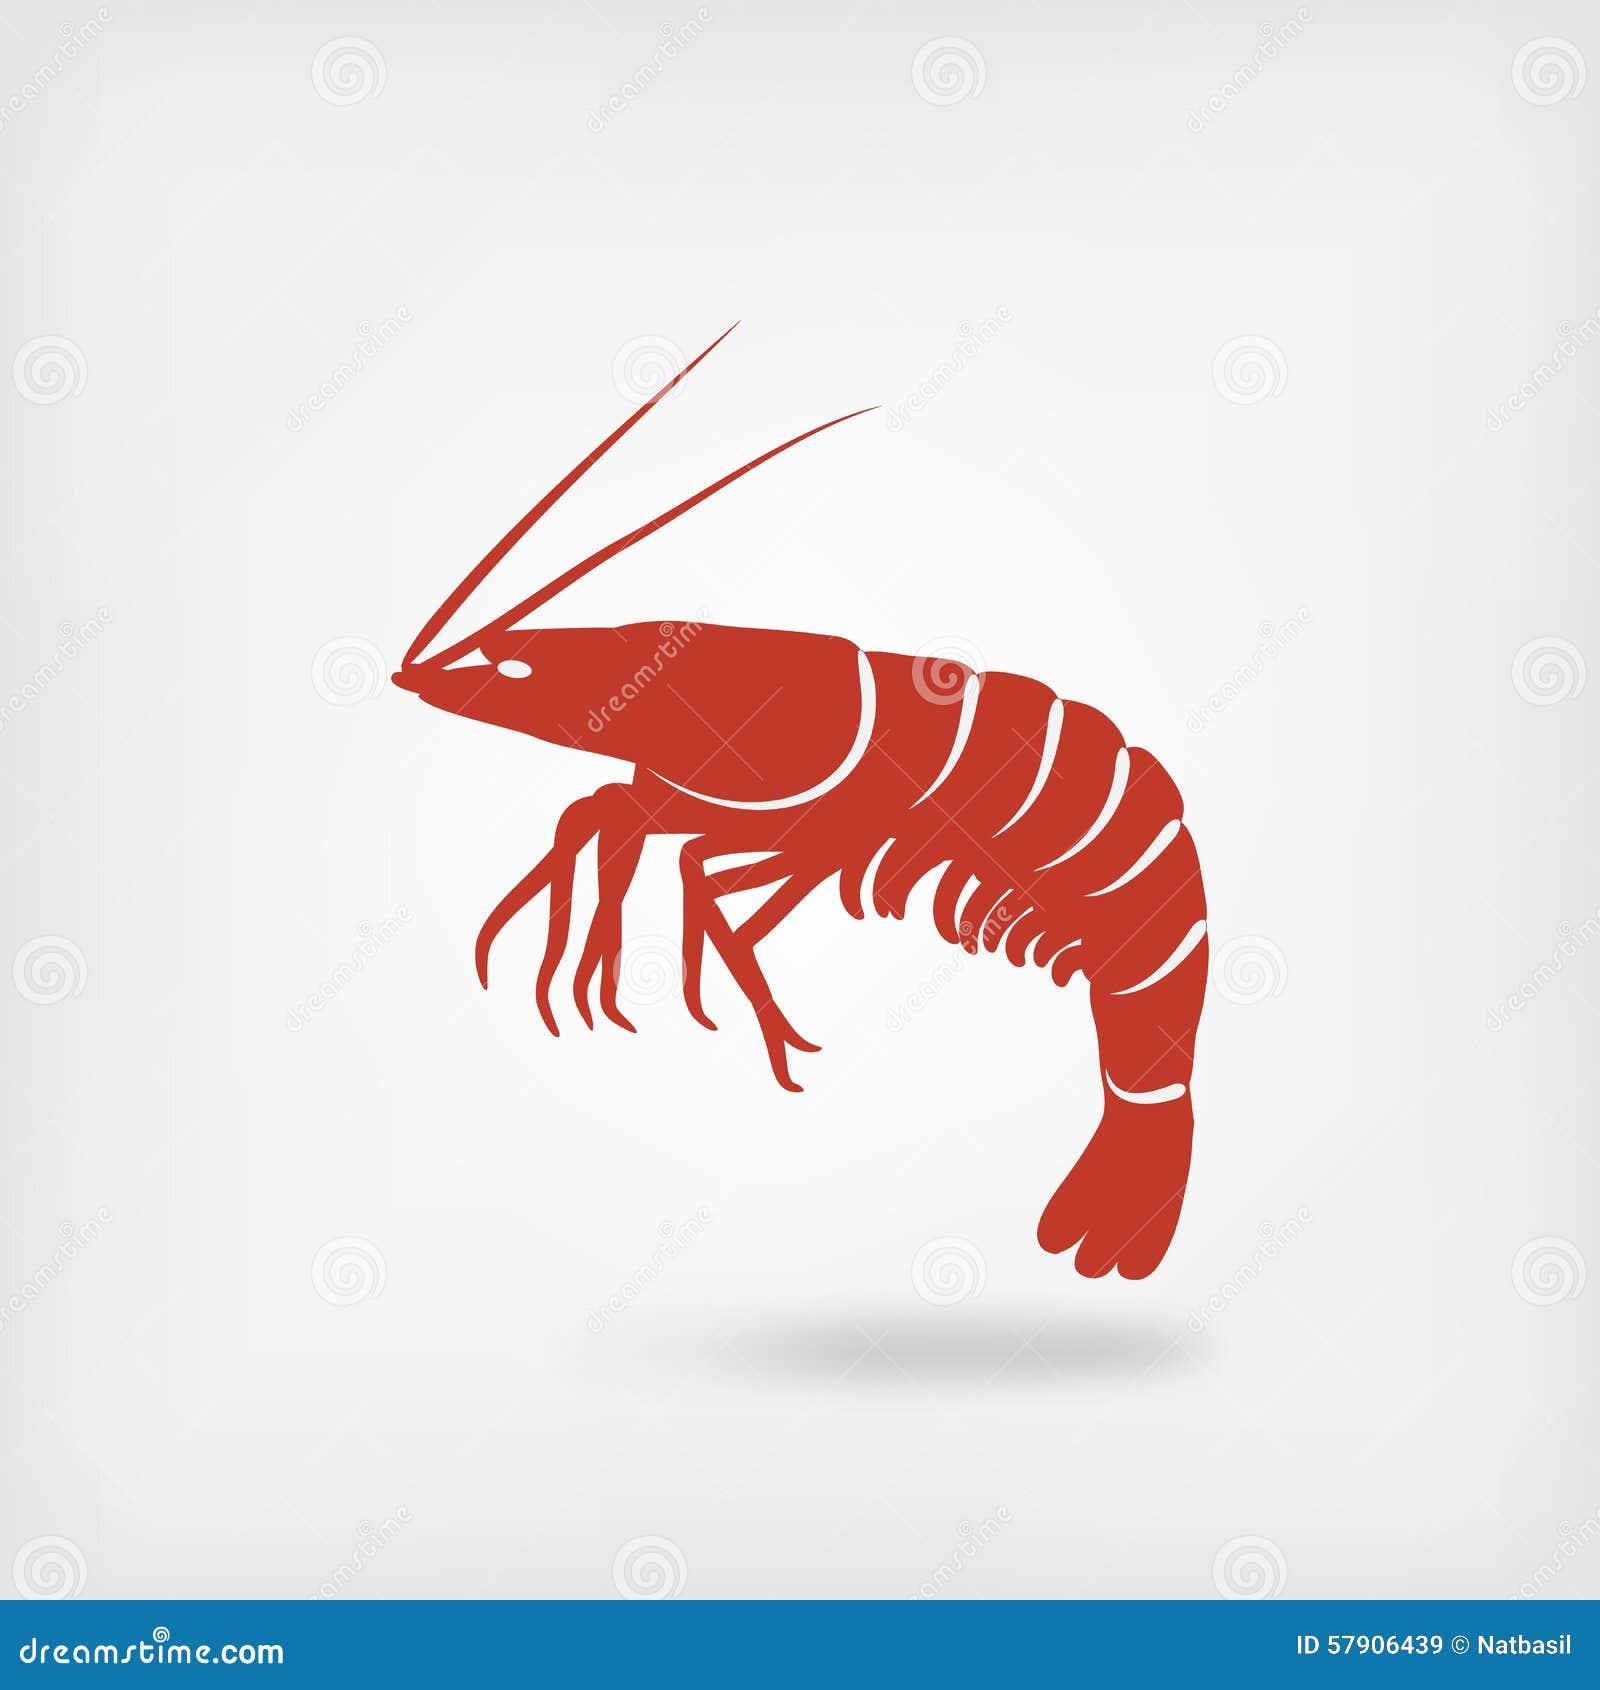 http://thumbs.dreamstime.com/z/shrimp-seafood-logo-vector-illustration-eps-57906439.jpg